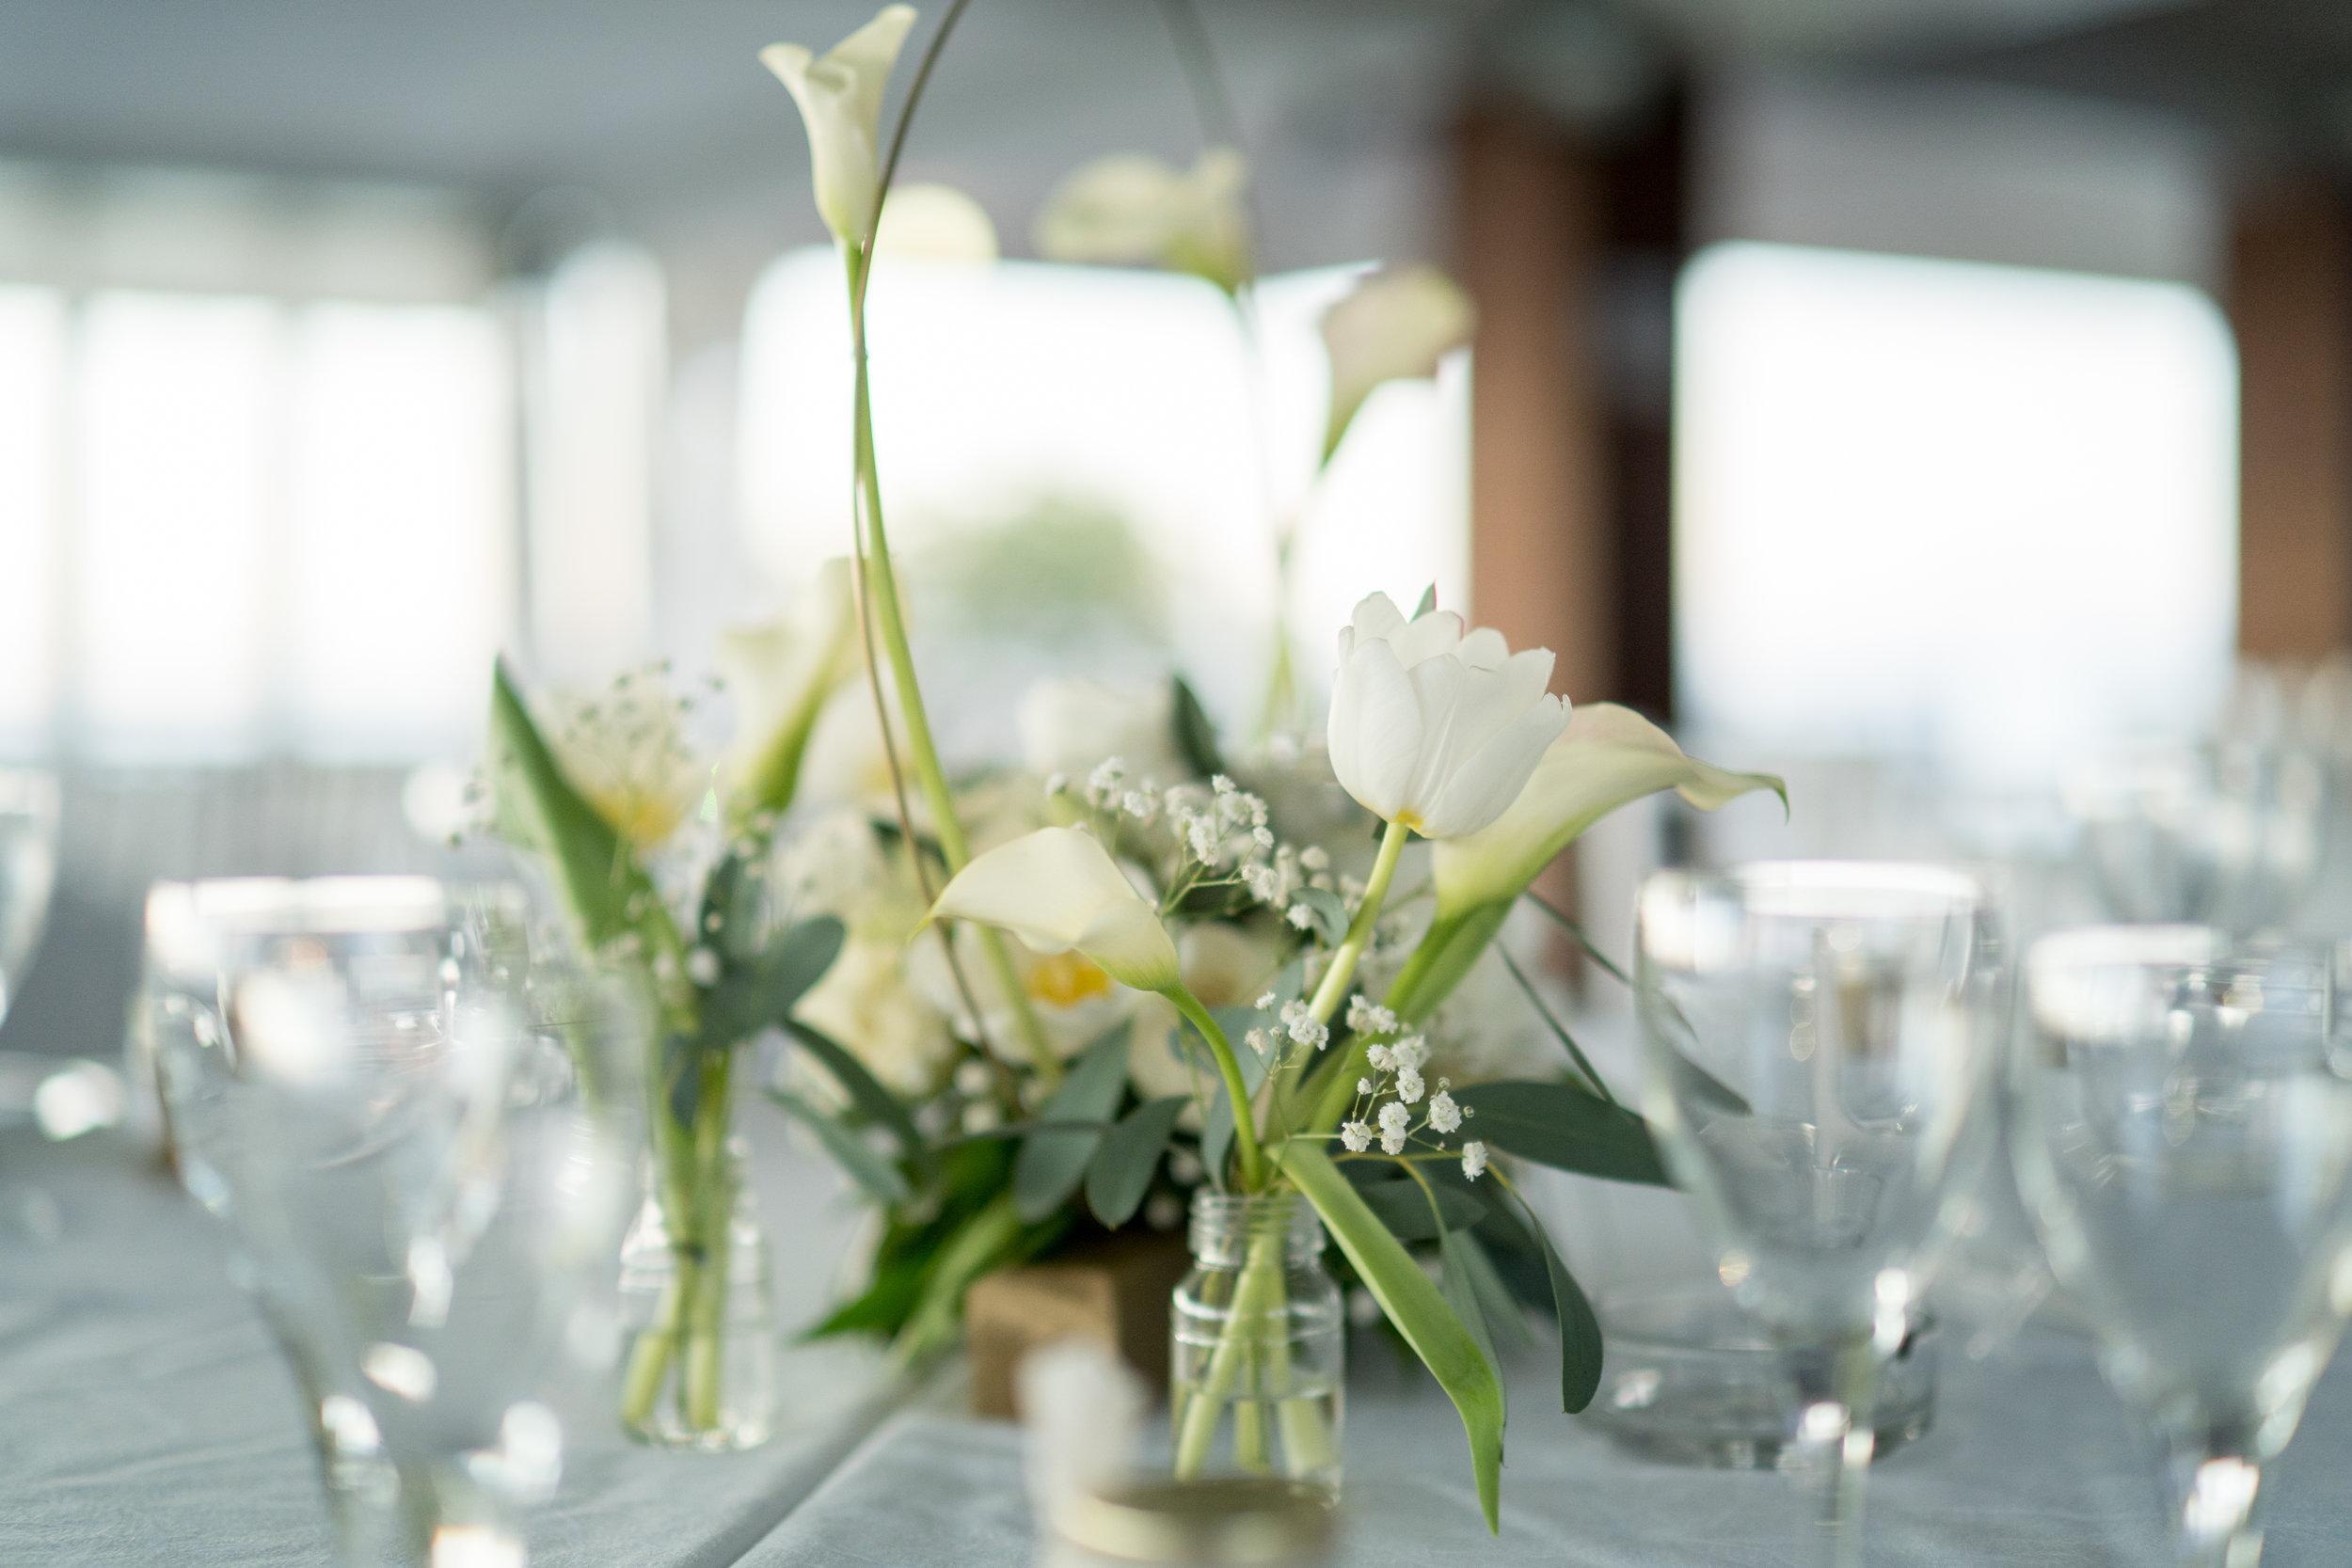 MRevenement organisation de mariage à la Réunion _ Mariage de B et JC (8).jpg